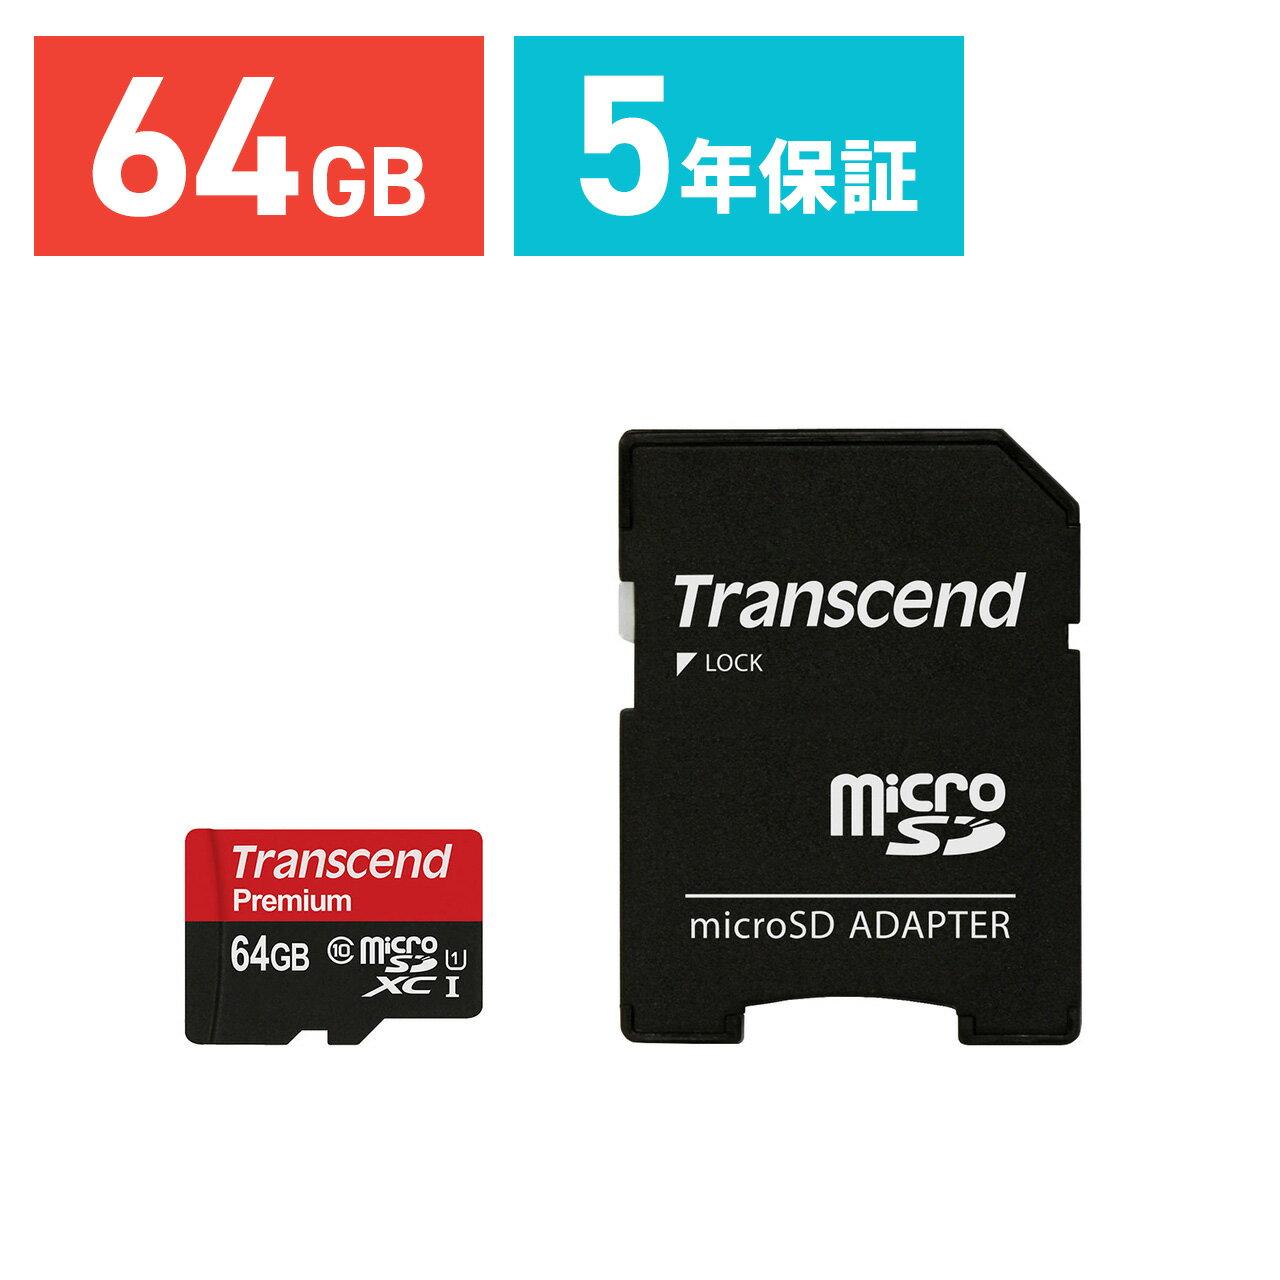 【2月15日値下げしました】【ネコポス専用】Transcend microSDカード 64GB Class10 UHS-I 永久保証 マイクロSD microSDXC SDアダプター付 クラス10 スマホ SD [TS64GUSDU1]【送料無料】